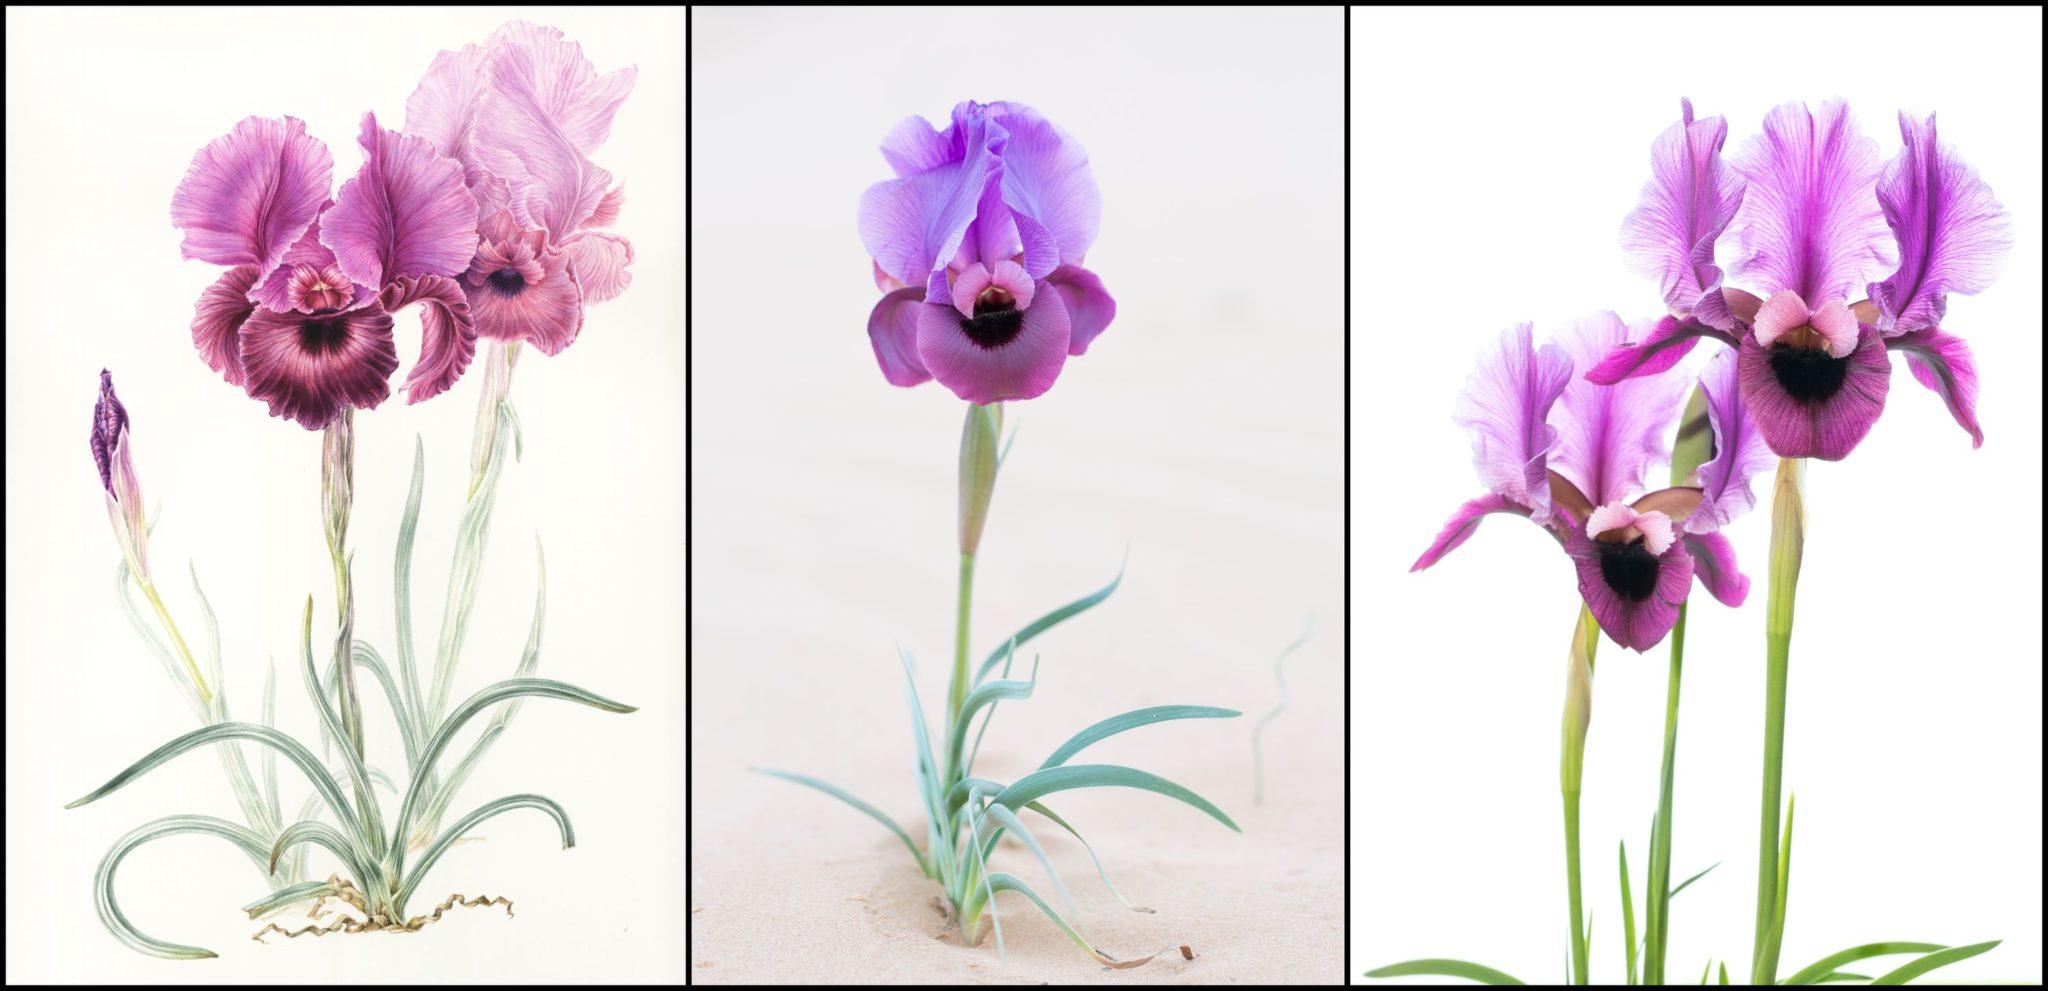 730_iris-mariae-12.jpg -